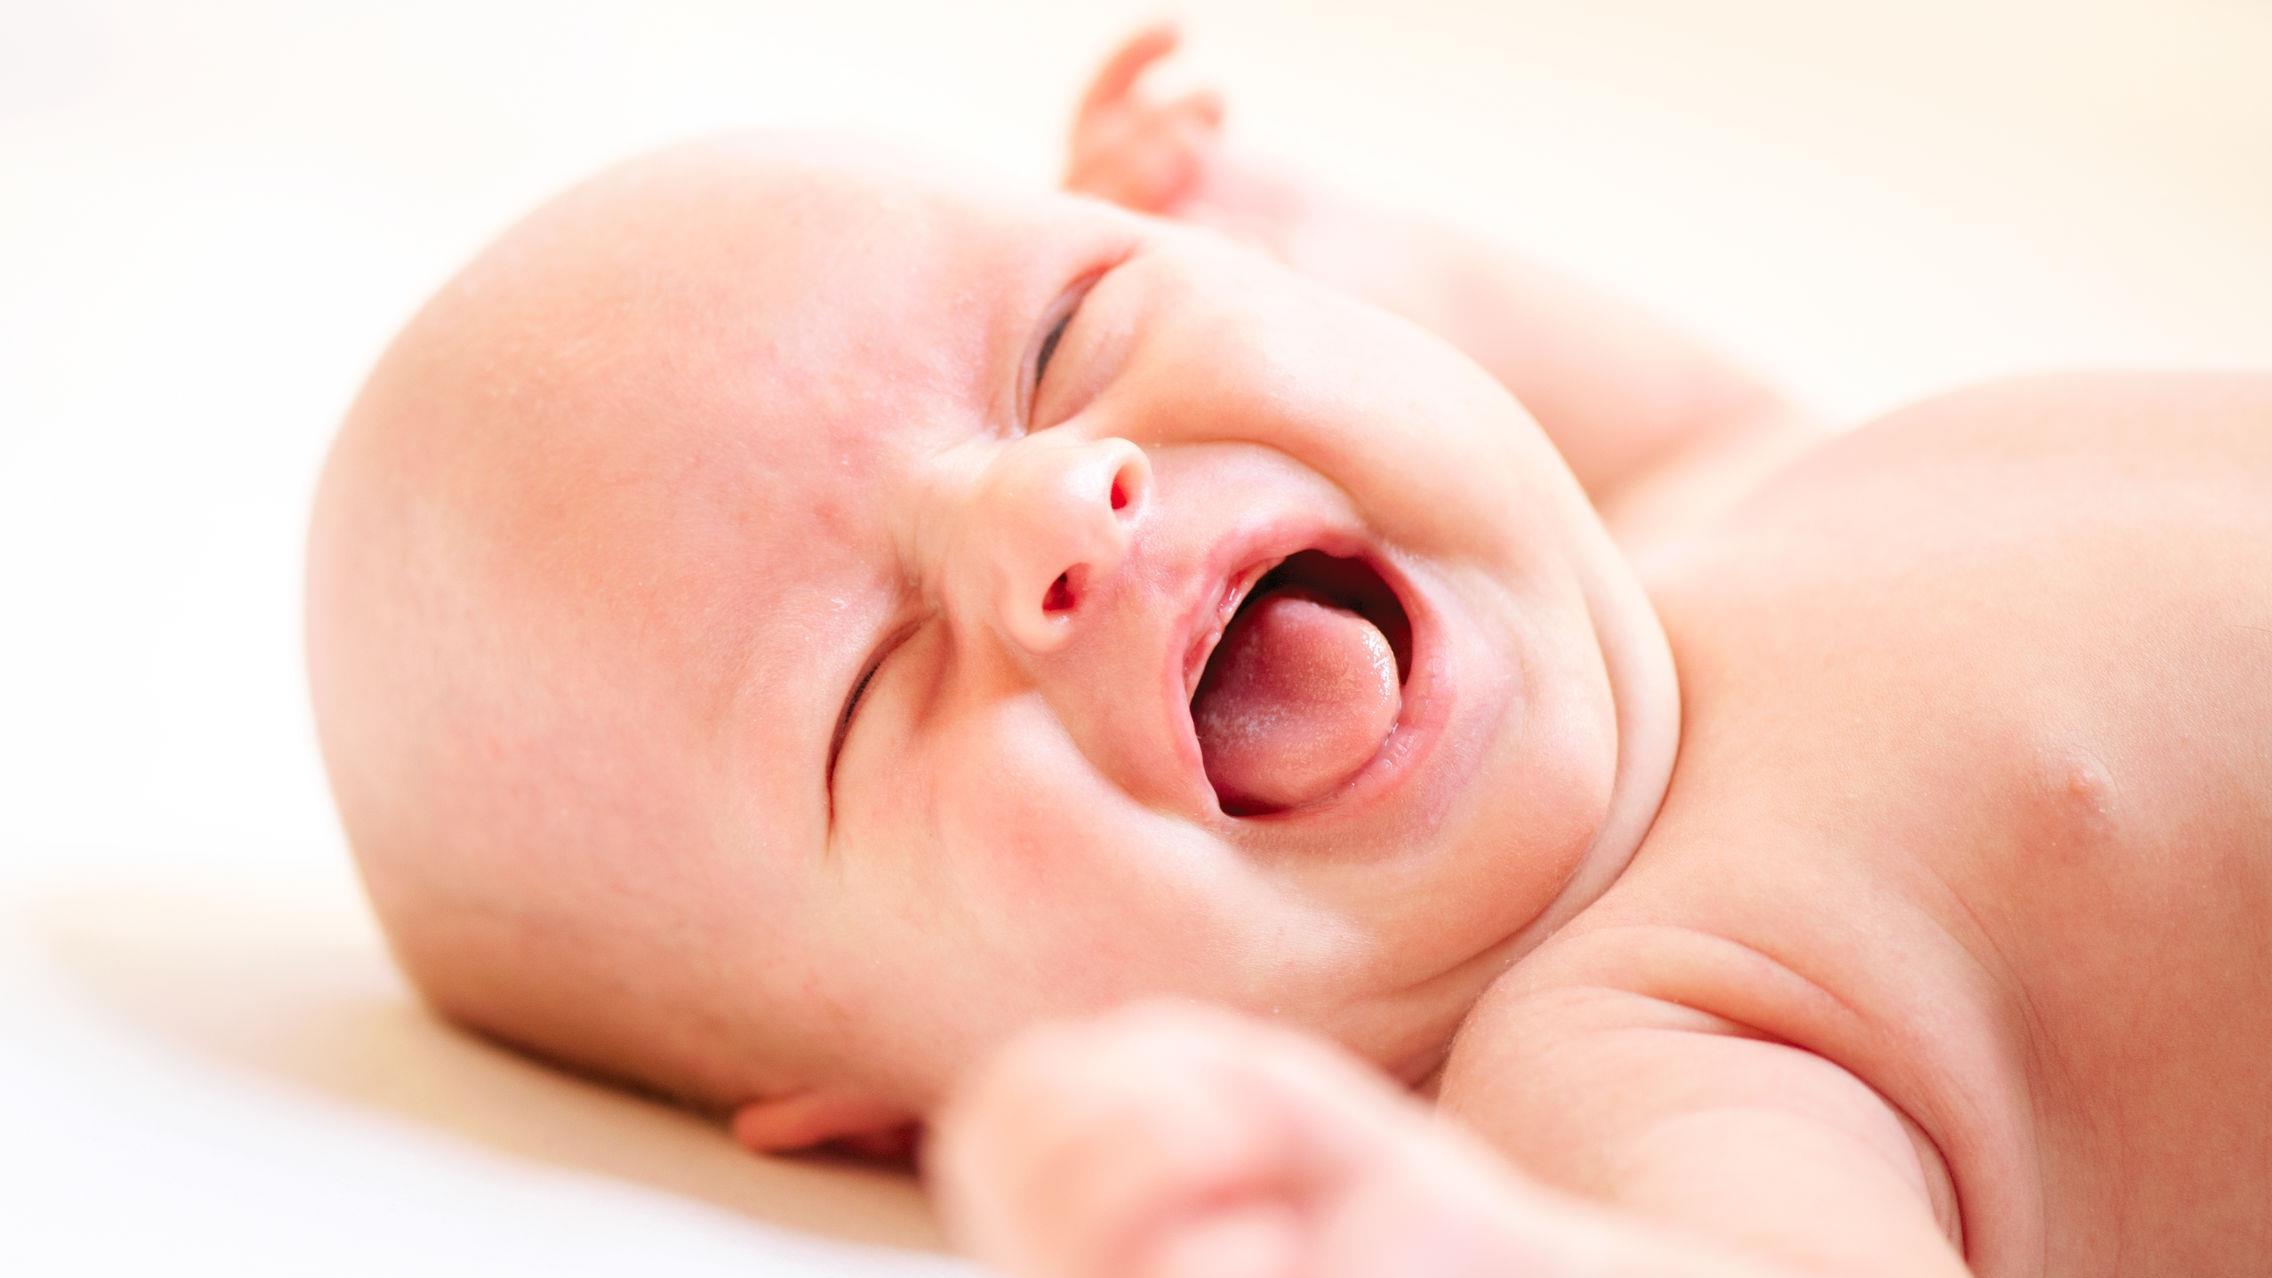 Новорождённый постоянно плачет: как понять причину и помочь ребенку